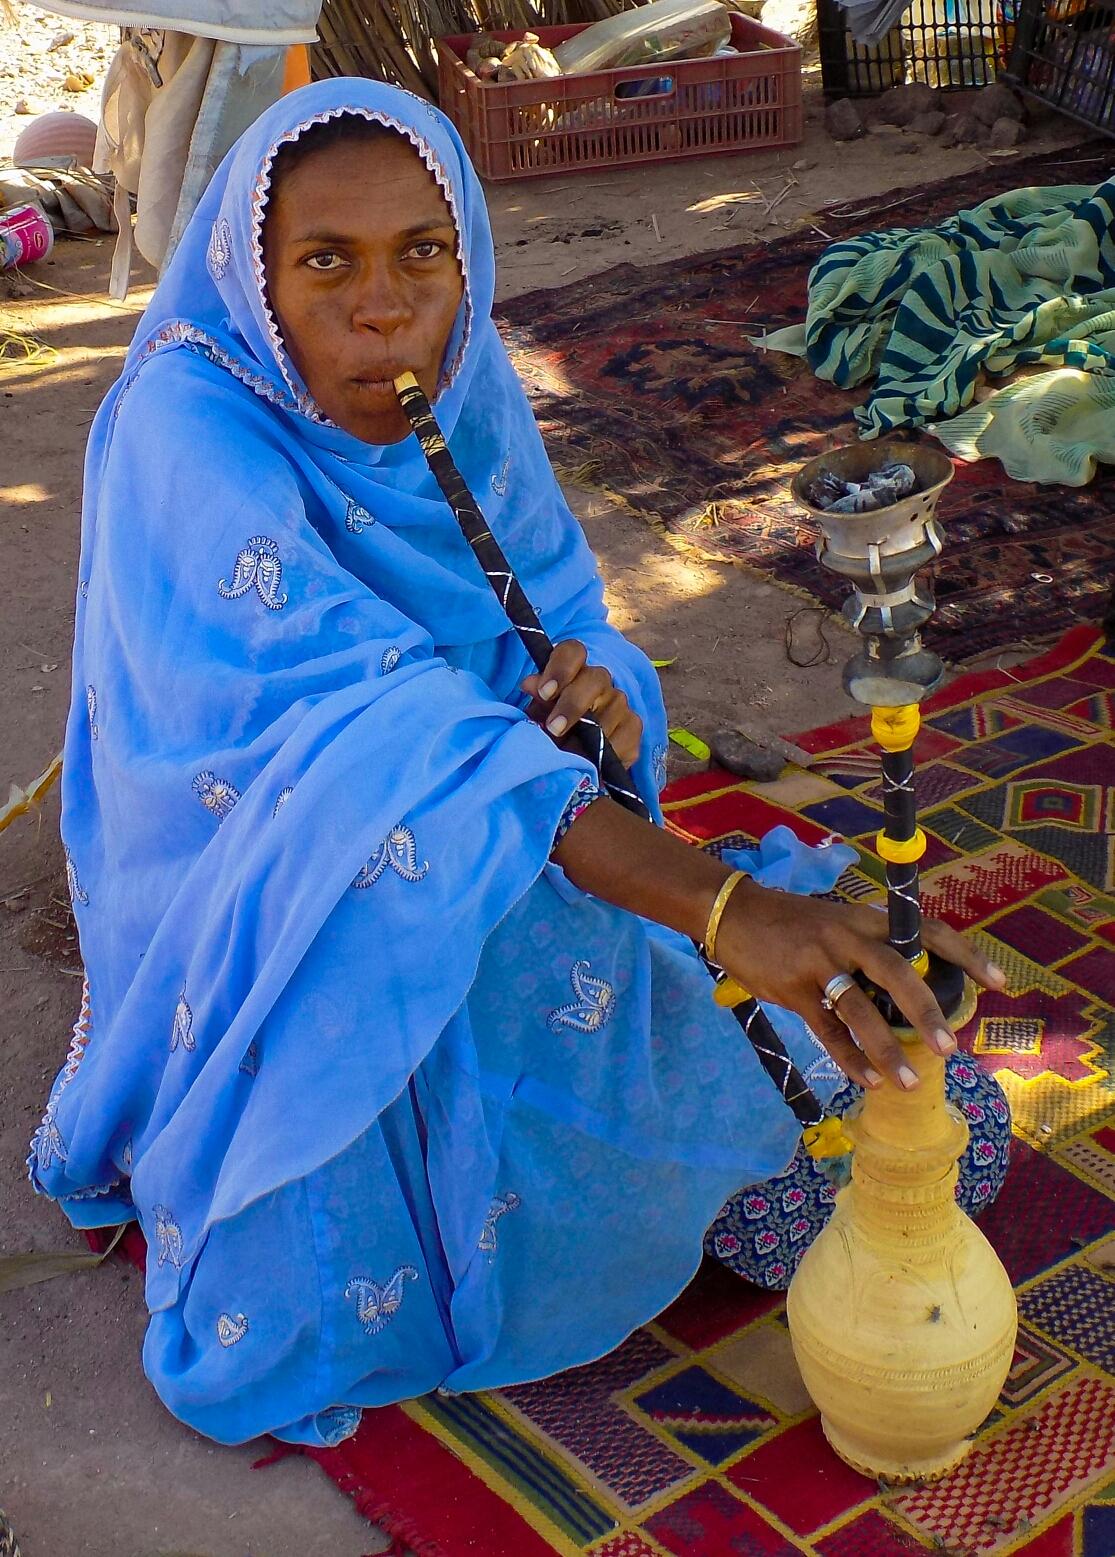 Une femme sur l'île de Hormuz. Les gens ne ressemblent plus trop aux iraniens du centre.